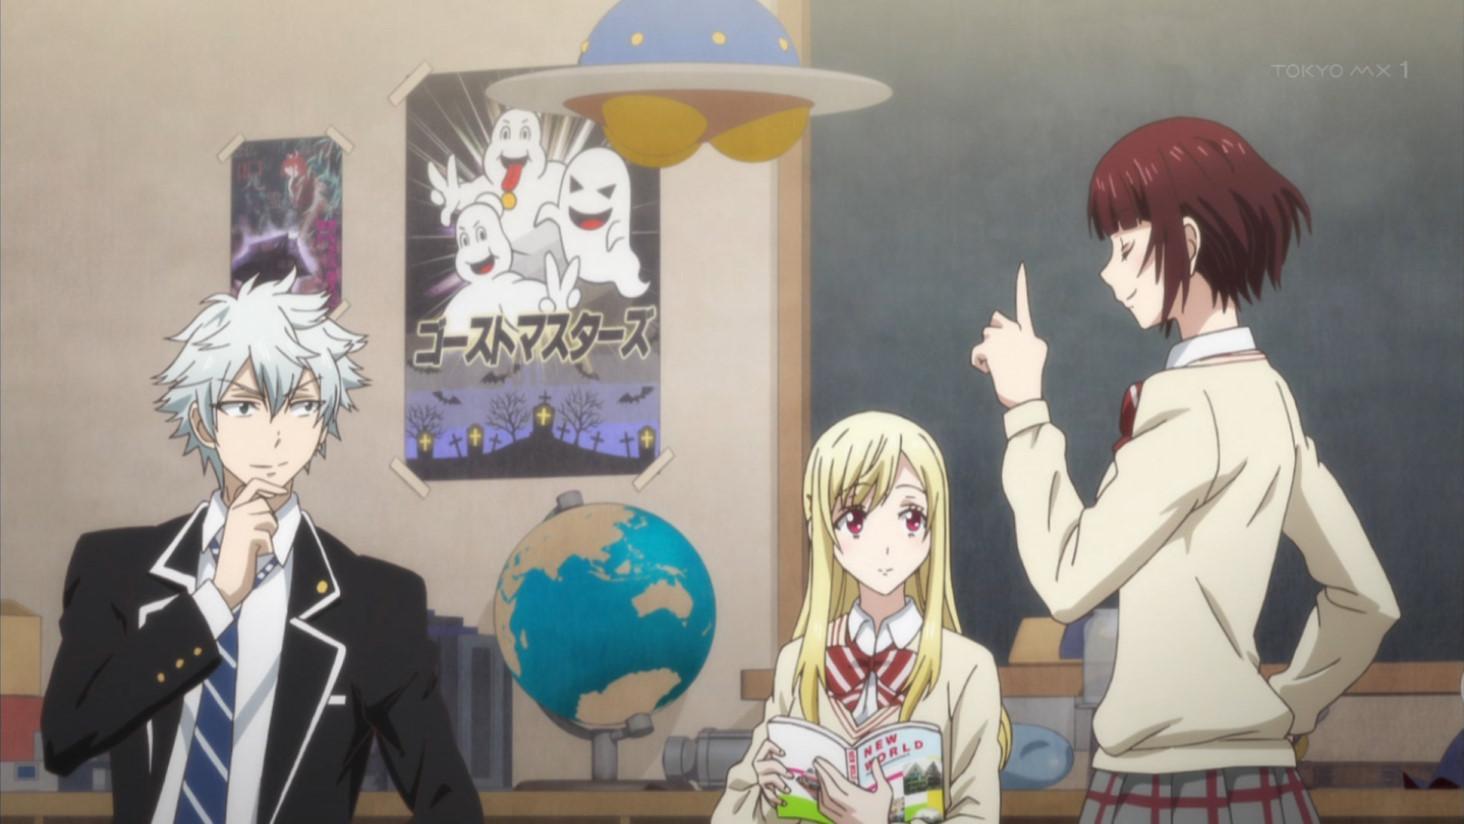 便利で楽しそうな部室 #yamajo #yamajo_anime #やまじょ #tokyomx http://t.co/q1rsObqB40